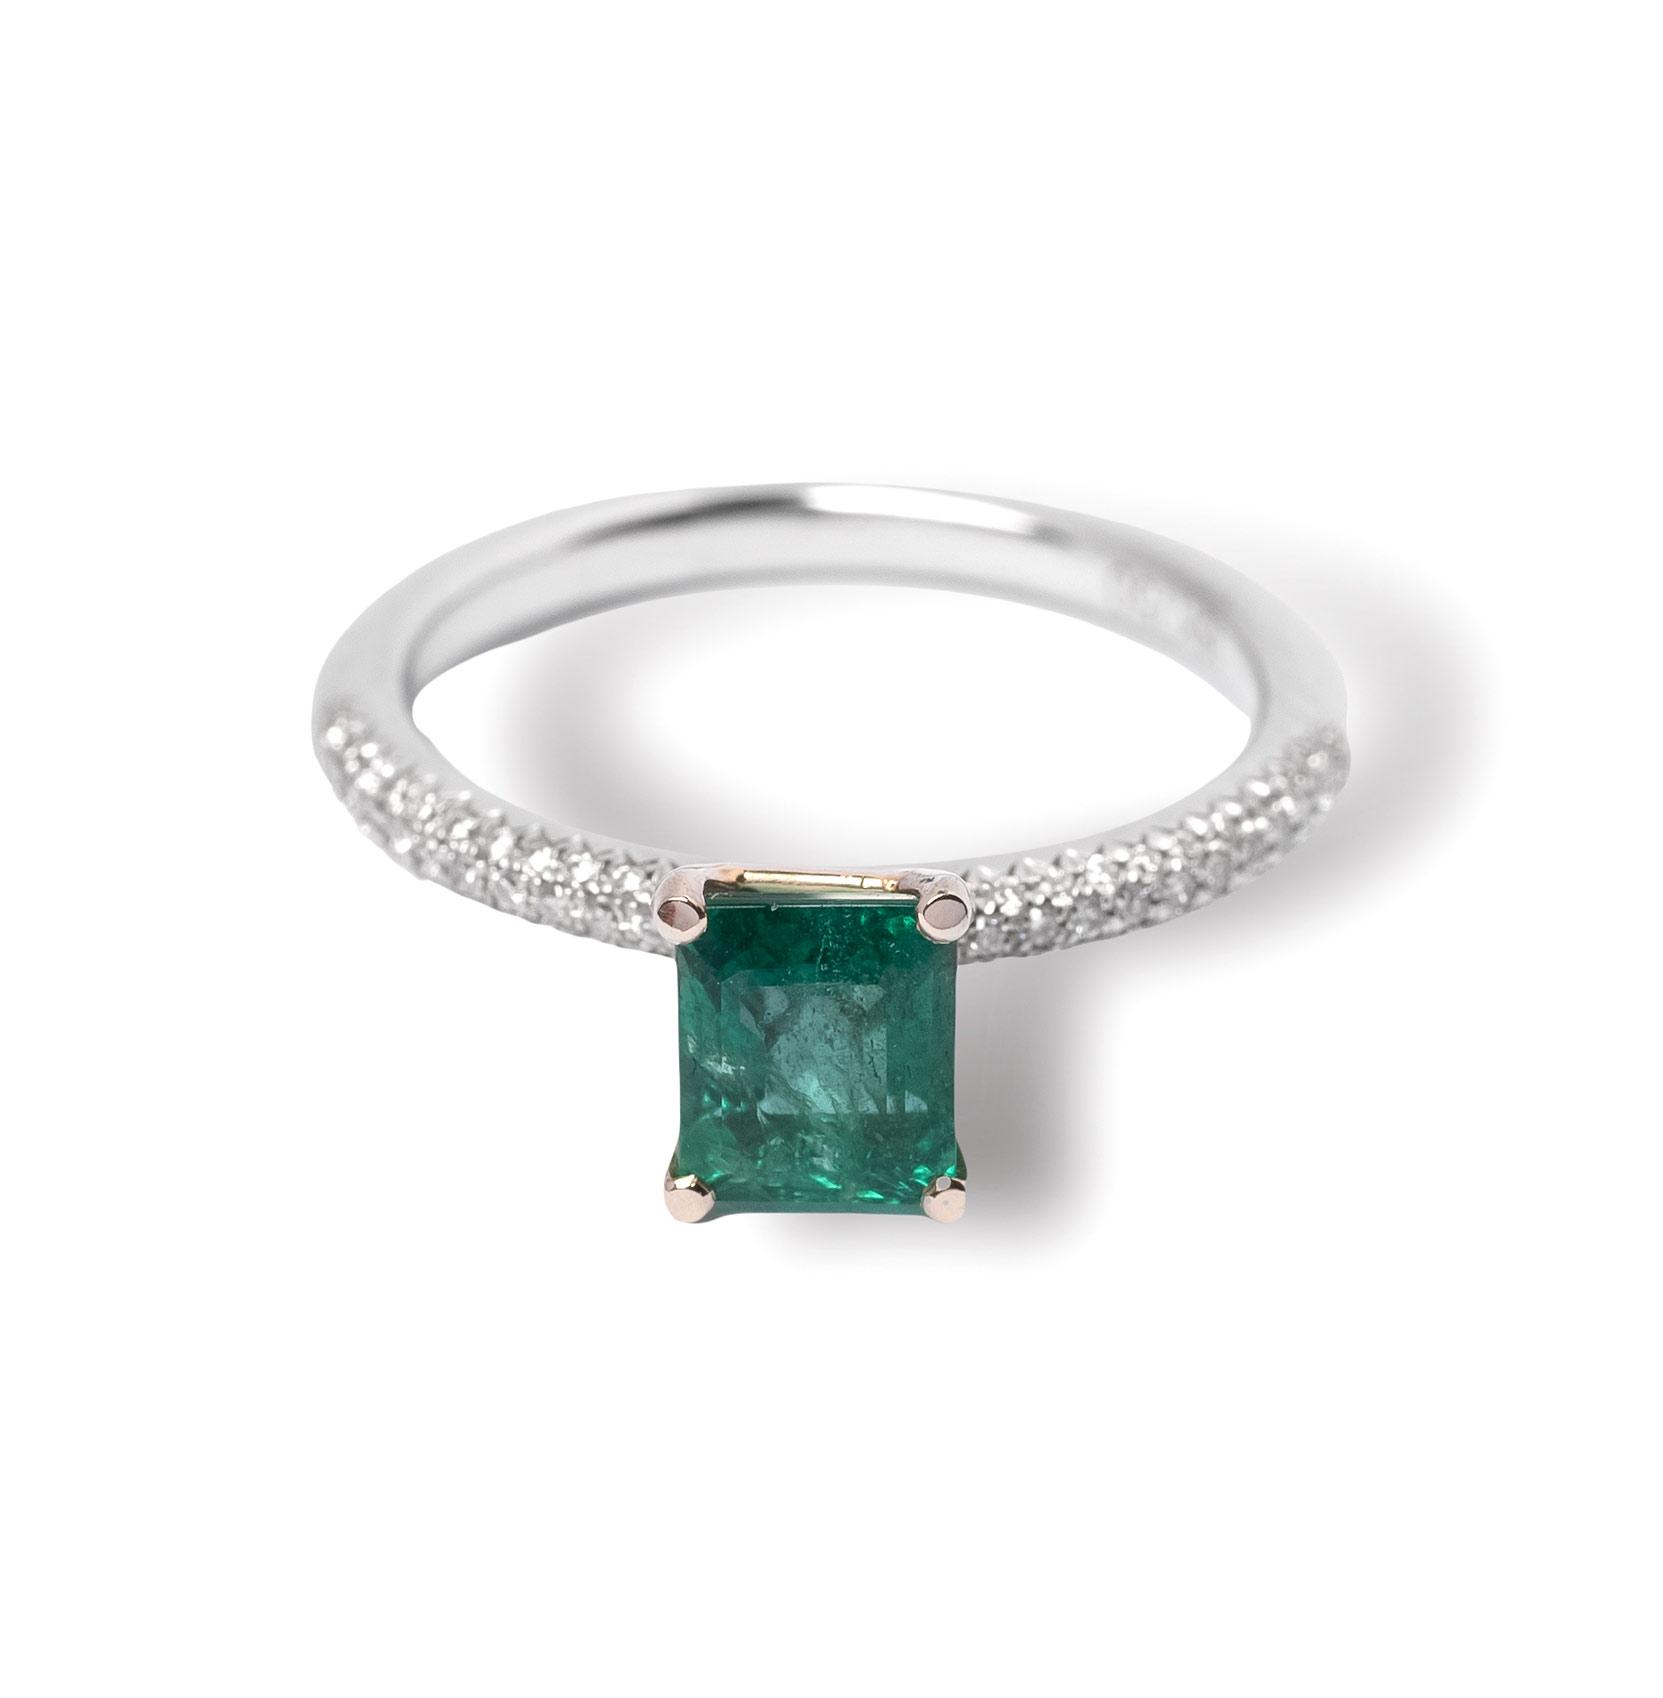 Δαχτυλίδι λευκόχρυσο Κ18 με σμαράγδι και διαμάντια